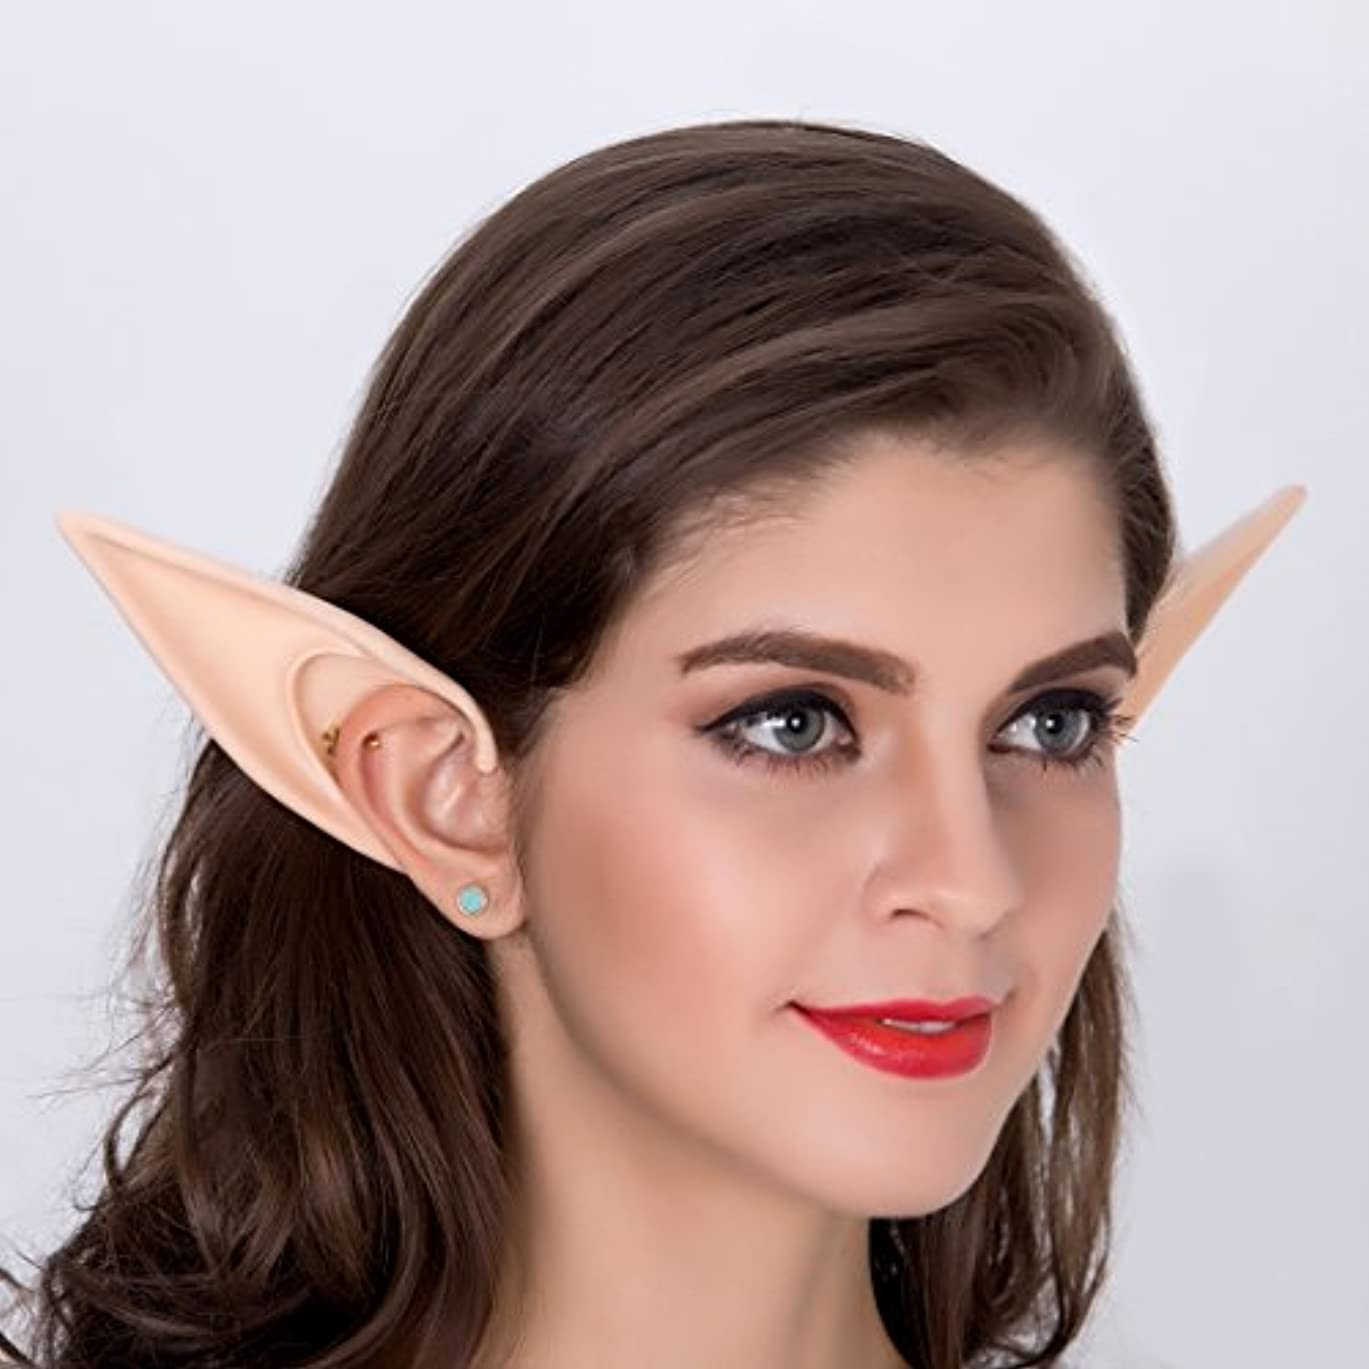 癒す旋回間違いなくYanpower エルフ耳 コスプレ 天使 精霊 魔女 妖怪 仮装 つけ耳 左右2個セット (#2)